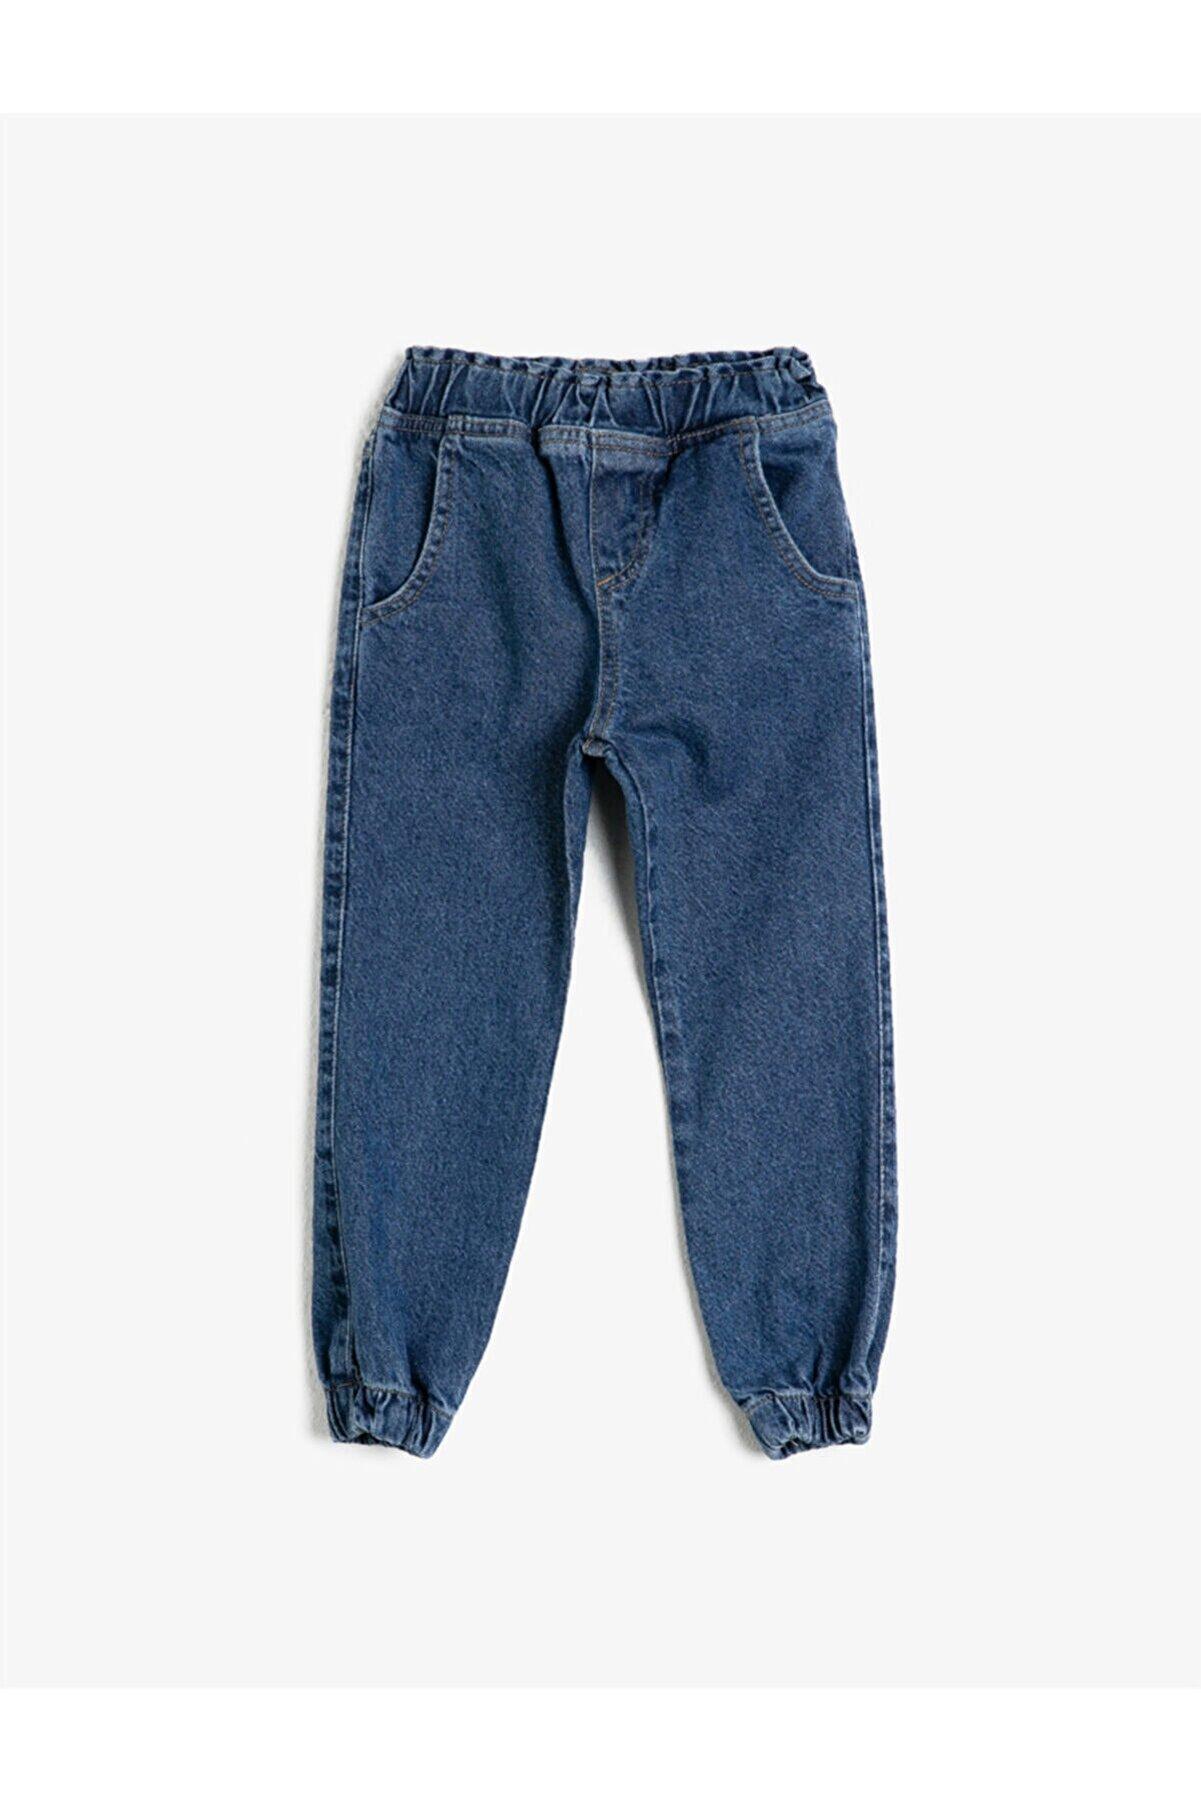 Koton Erkek Çocuk Normal Bel Pamuklu Jean Pantolon